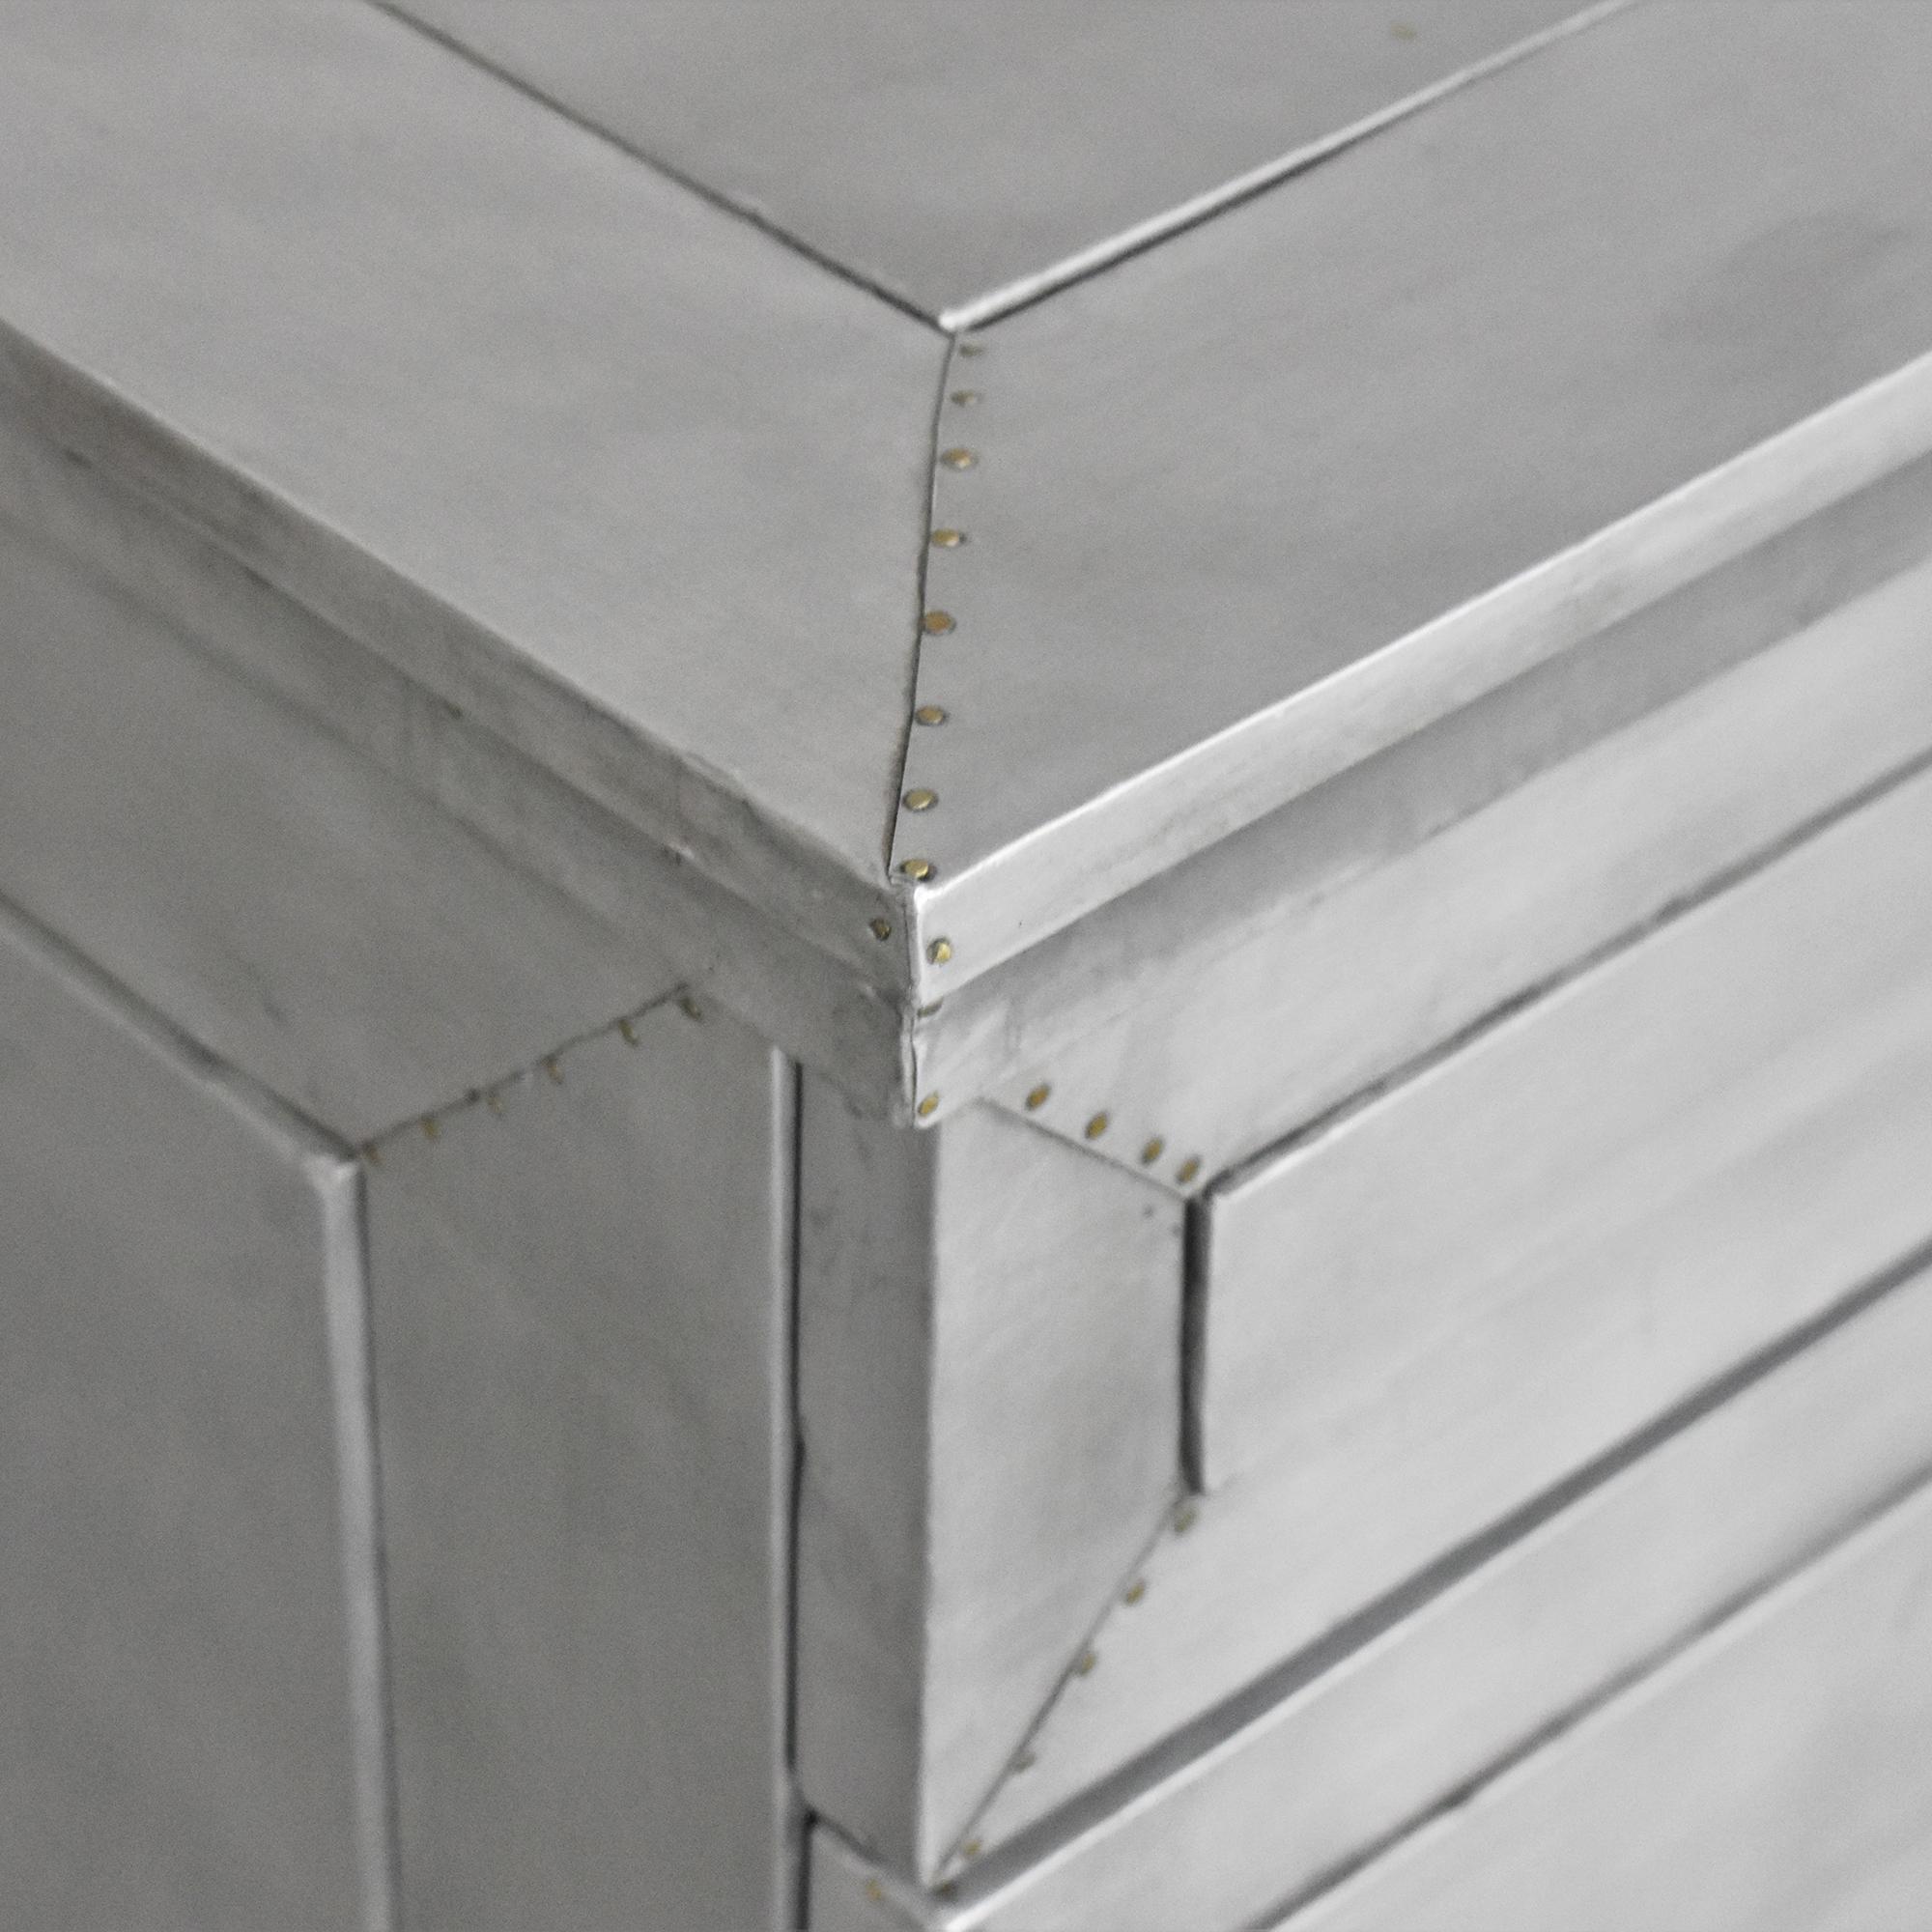 Restoration Hardware Annecy Desk / Tables